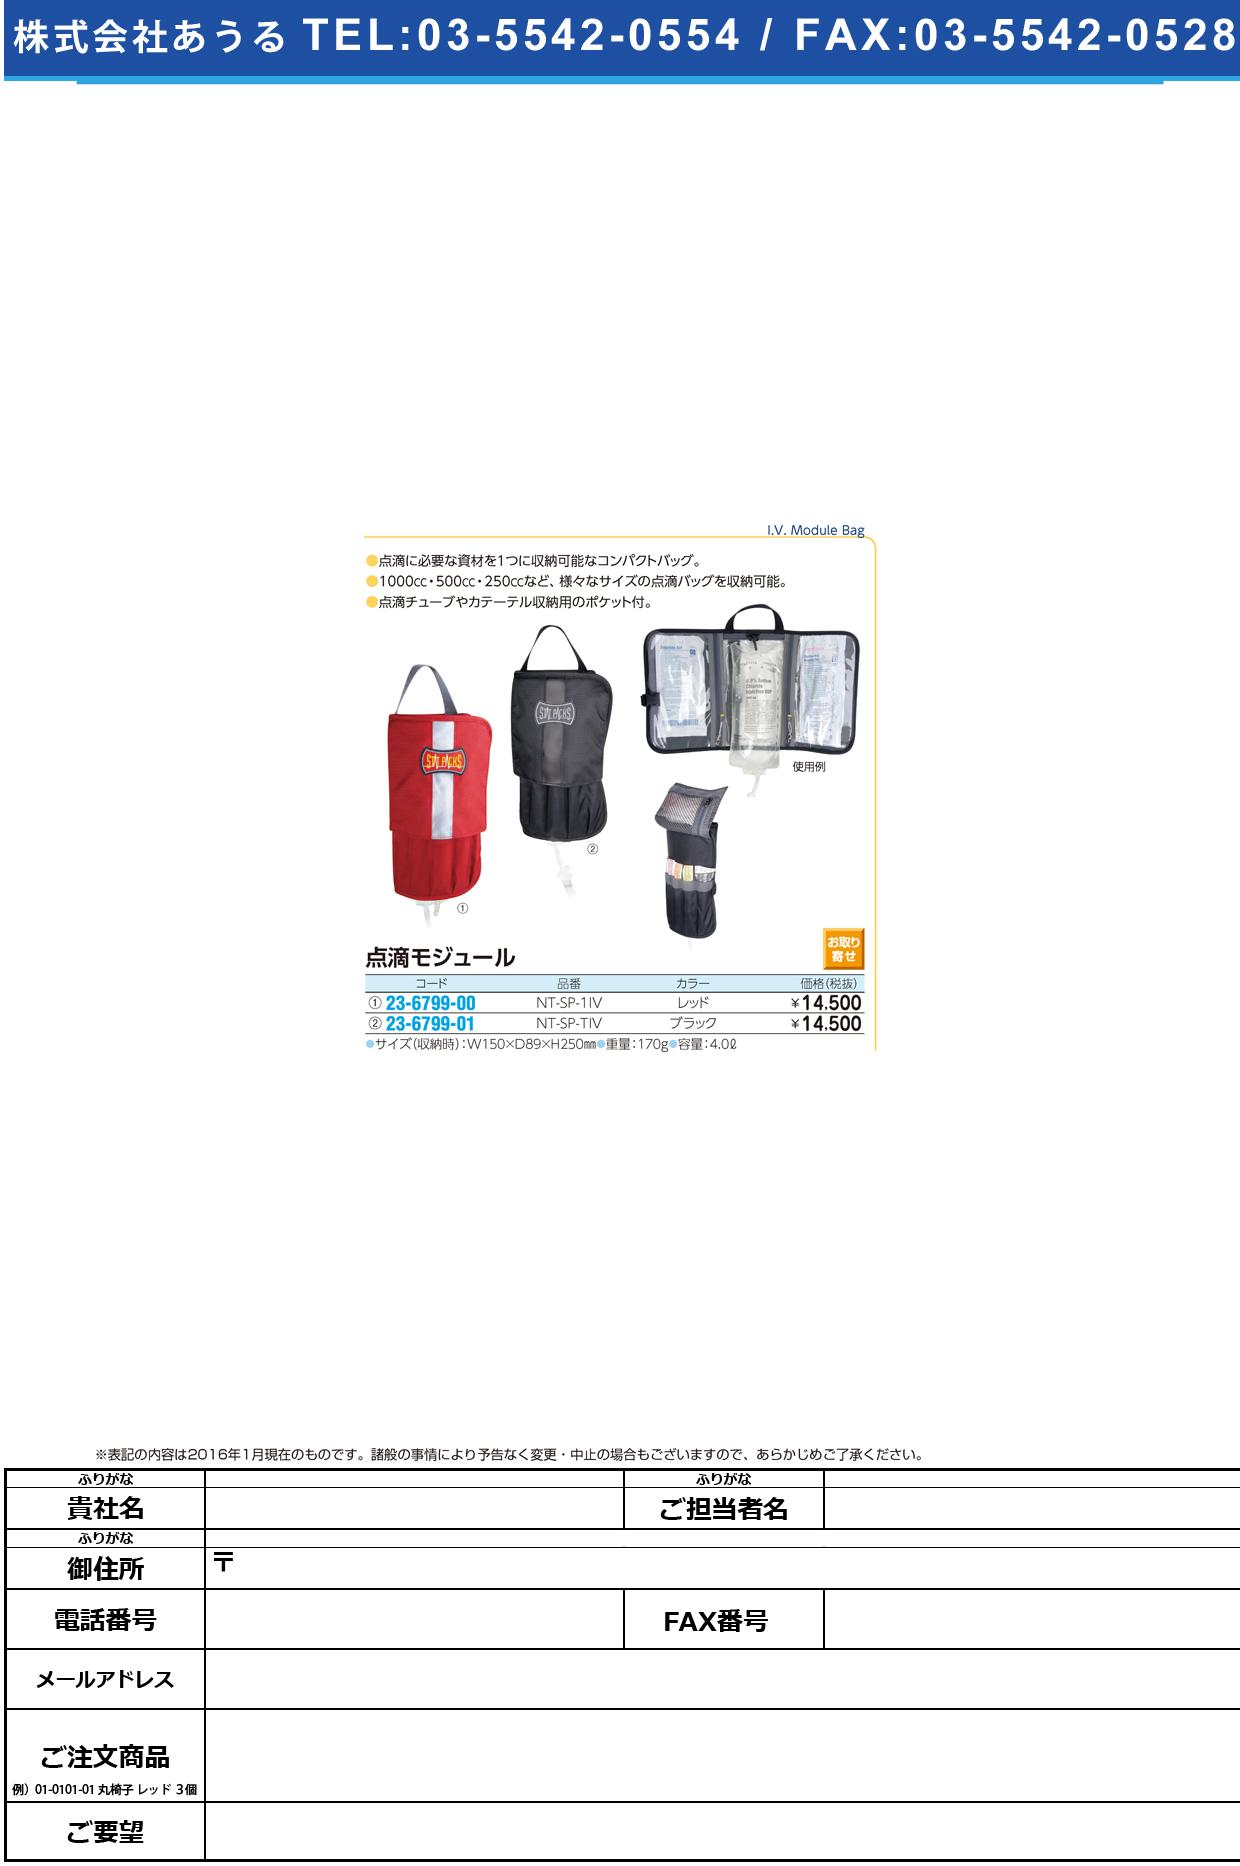 点滴モジュール      テンテキモジュール NT-SP-TIV(ブラック)【1個単位】(23-6799-01)